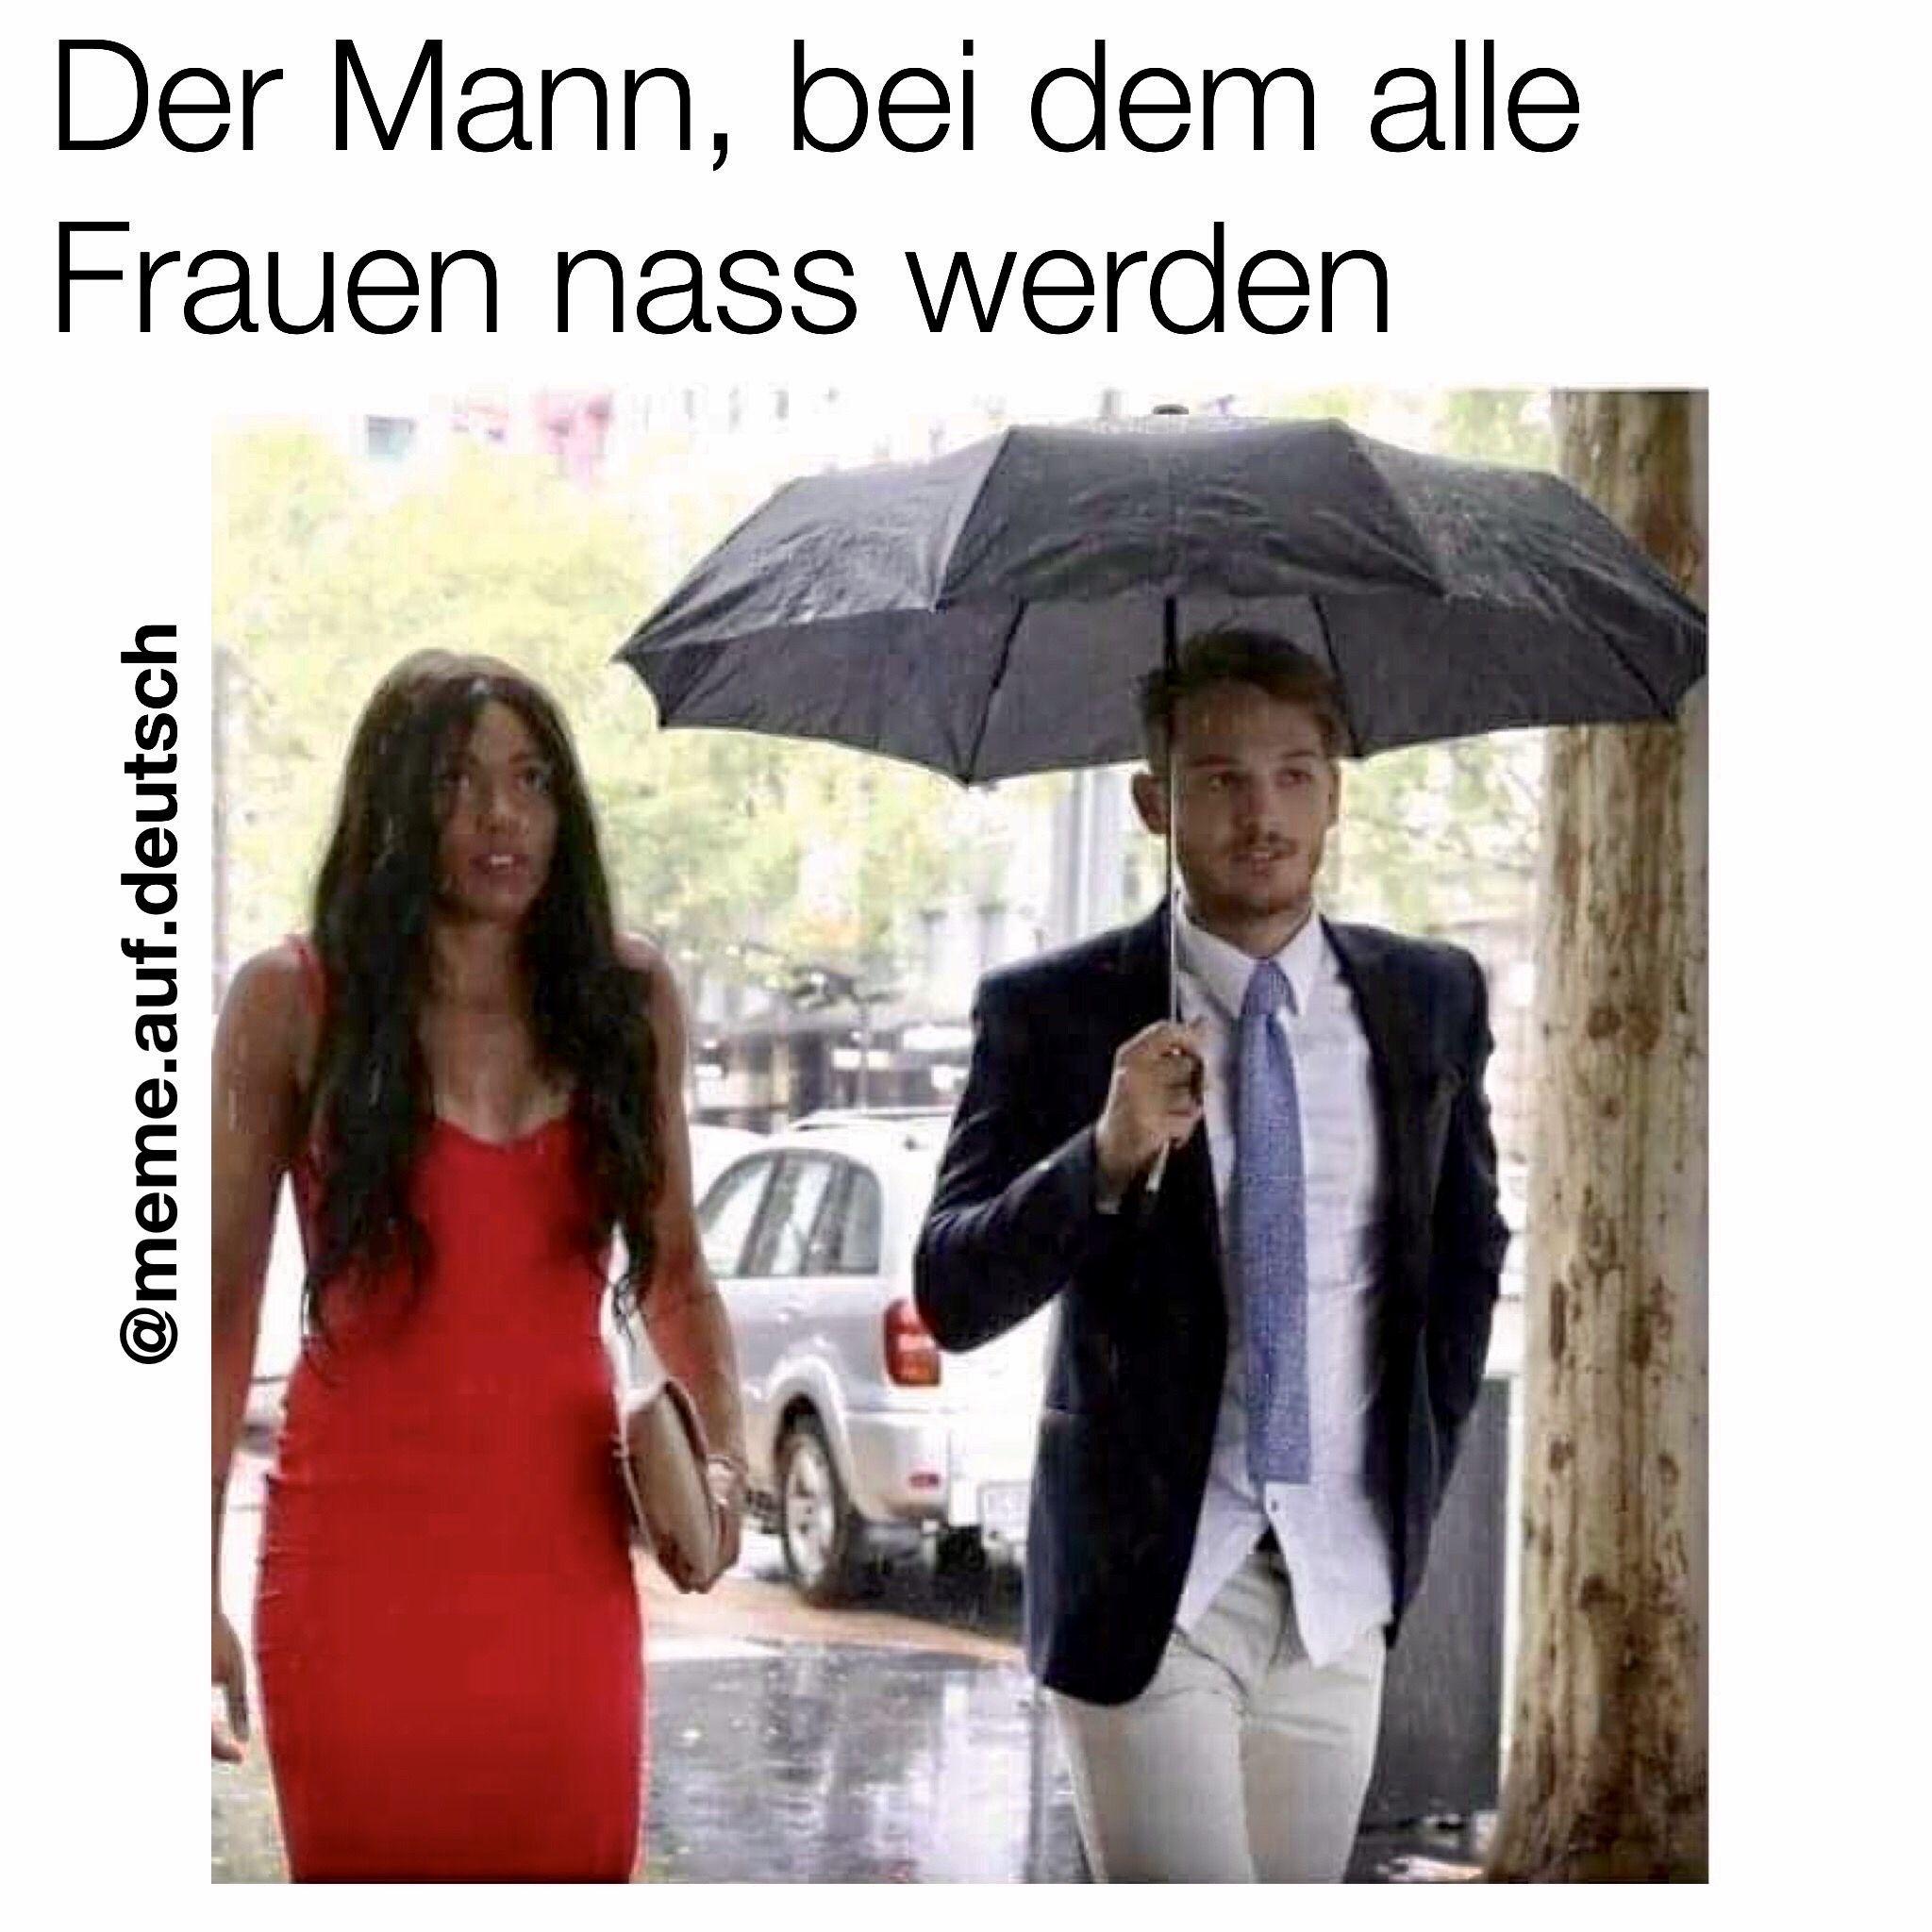 Pin auf Meme deutsch Memes lustig